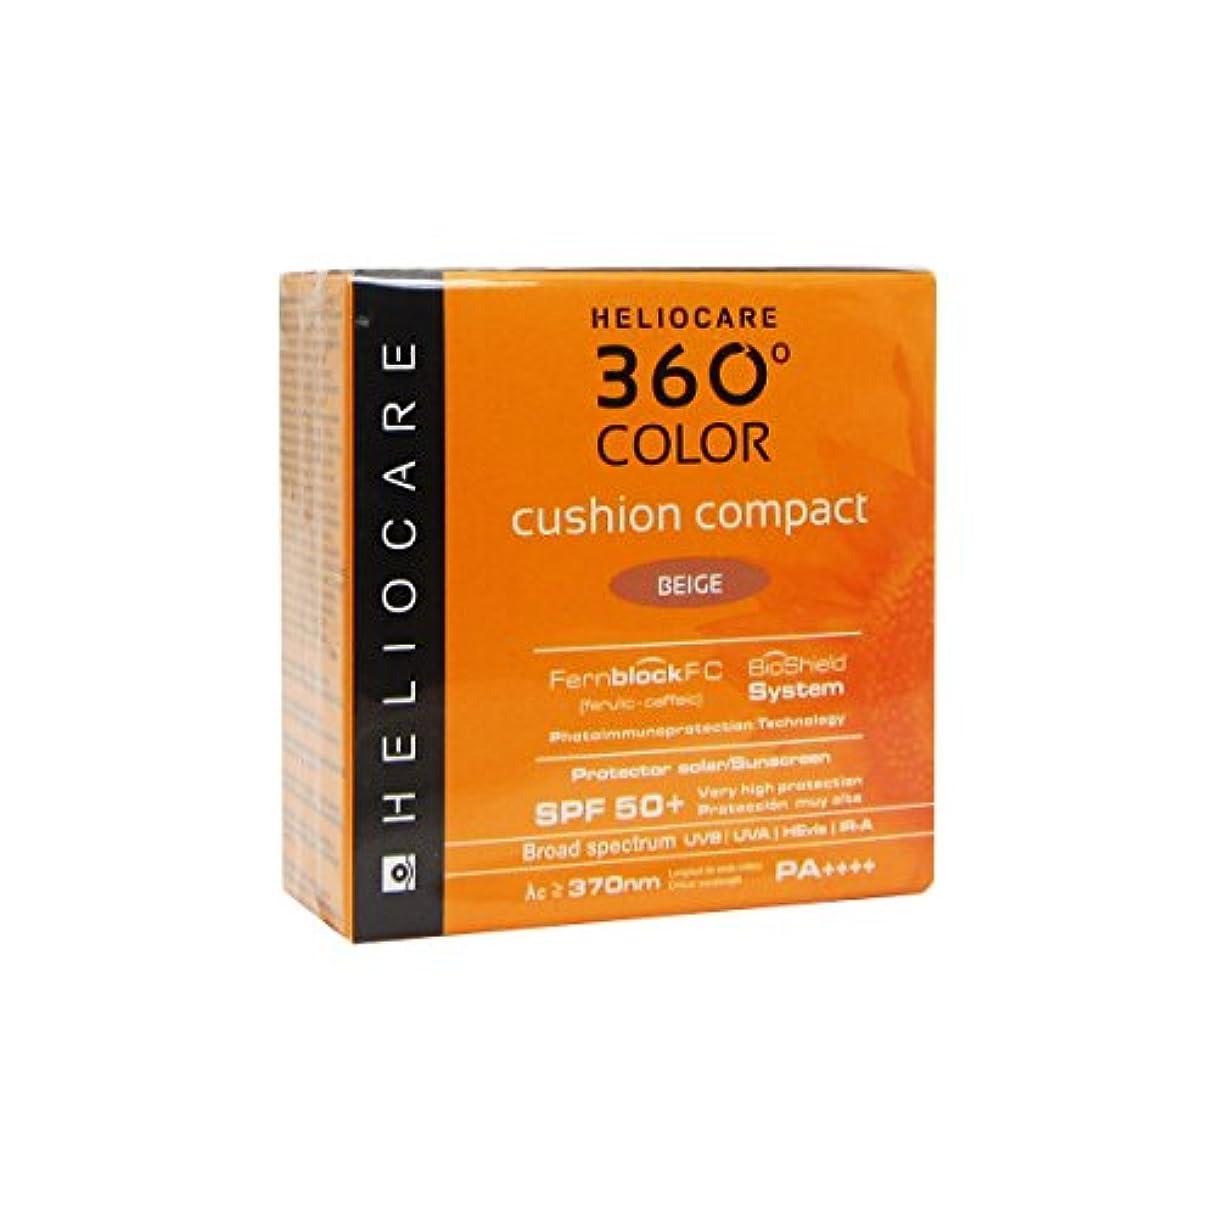 ボンド緊急表面Heliocare 360 Compact Cushion Spf50 Beige Spf50+ 15g [並行輸入品]